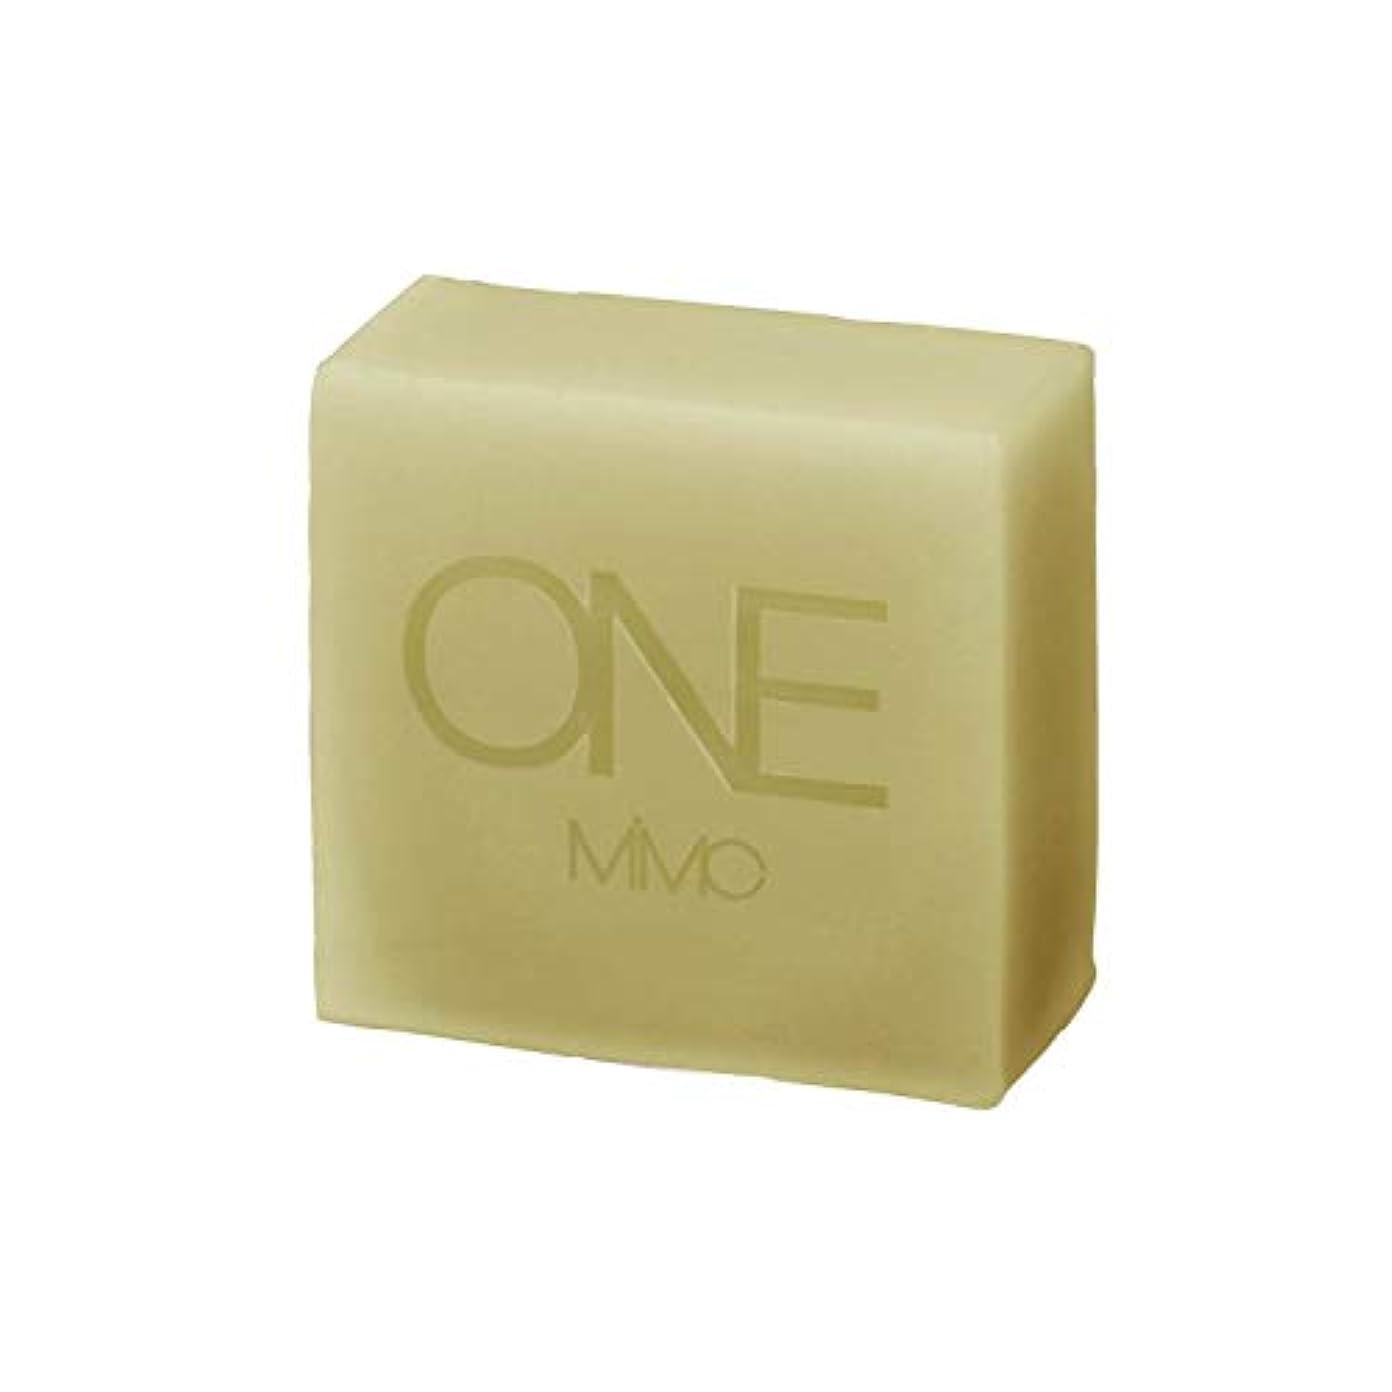 音楽家カッター講義【MiMC ONE(エムアイエムシー ワン)】ハーブプロテクトソープ フォーアウトドア/アブサンガード 85g